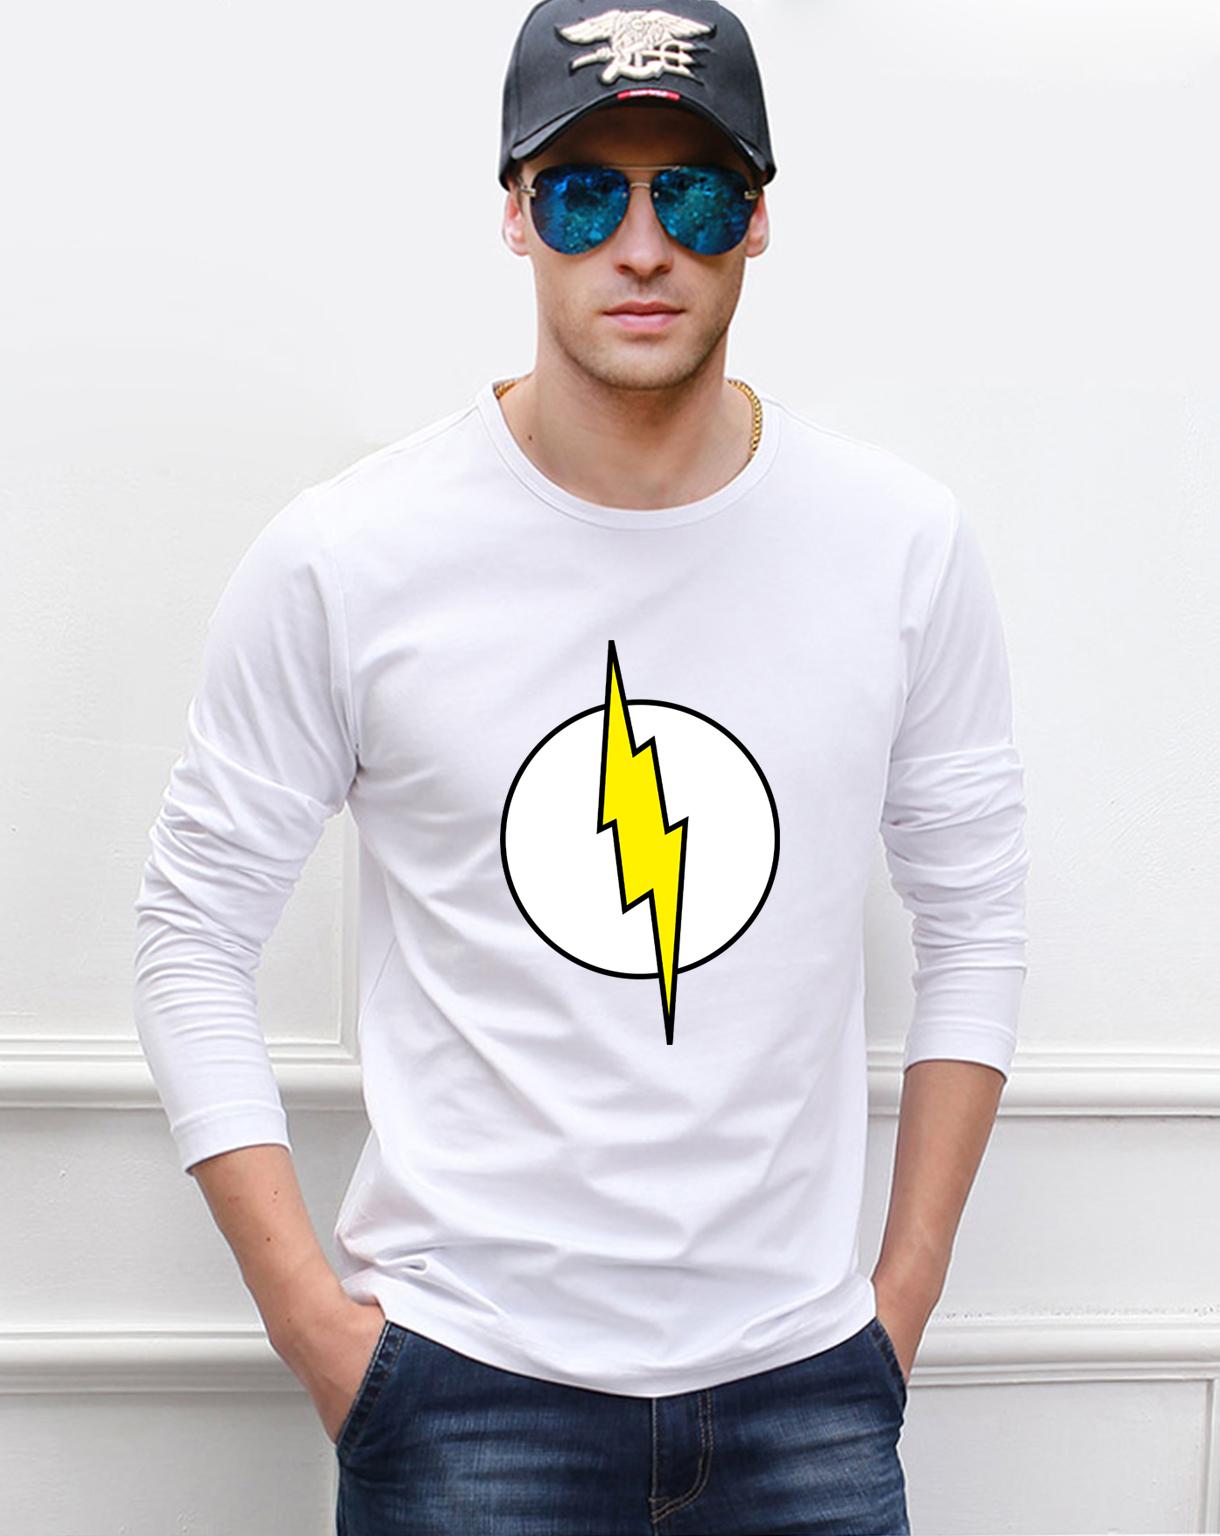 Sheldon Flash Camisa - Compra lotes baratos de Sheldon